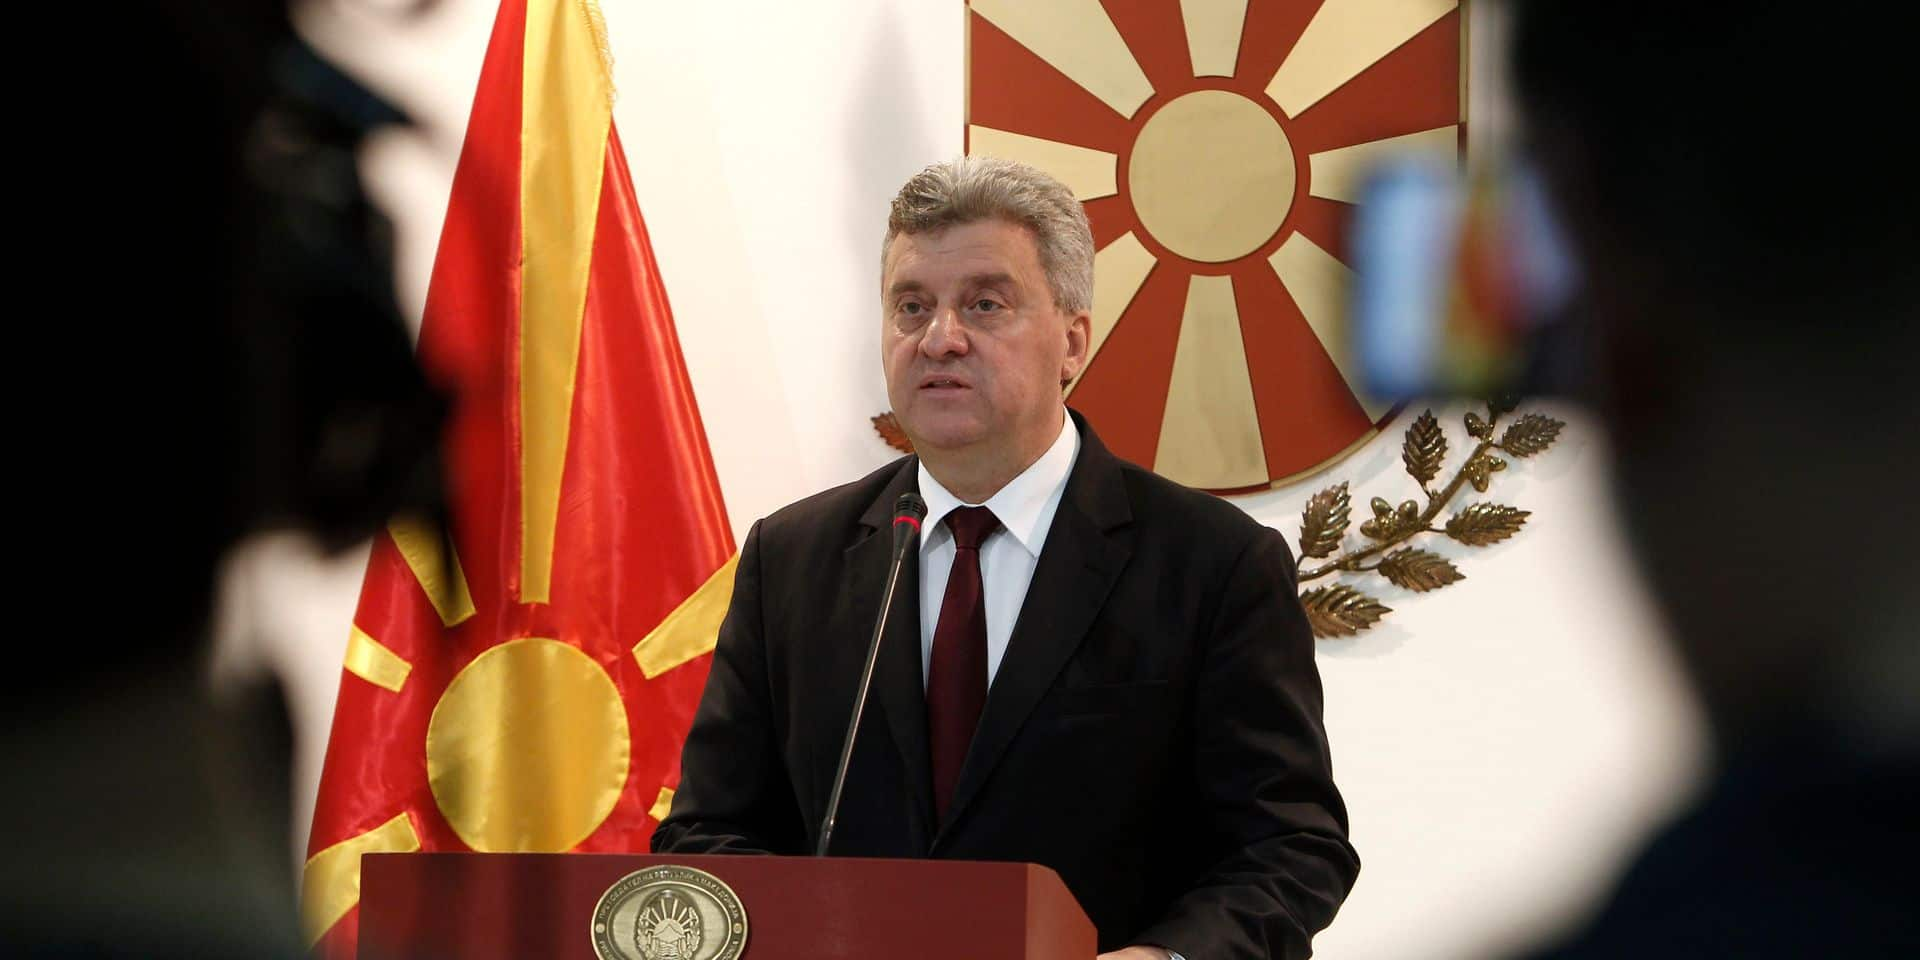 Signature d'un accord historique sur le nom de la Macédoine, la fin d'un long conflit